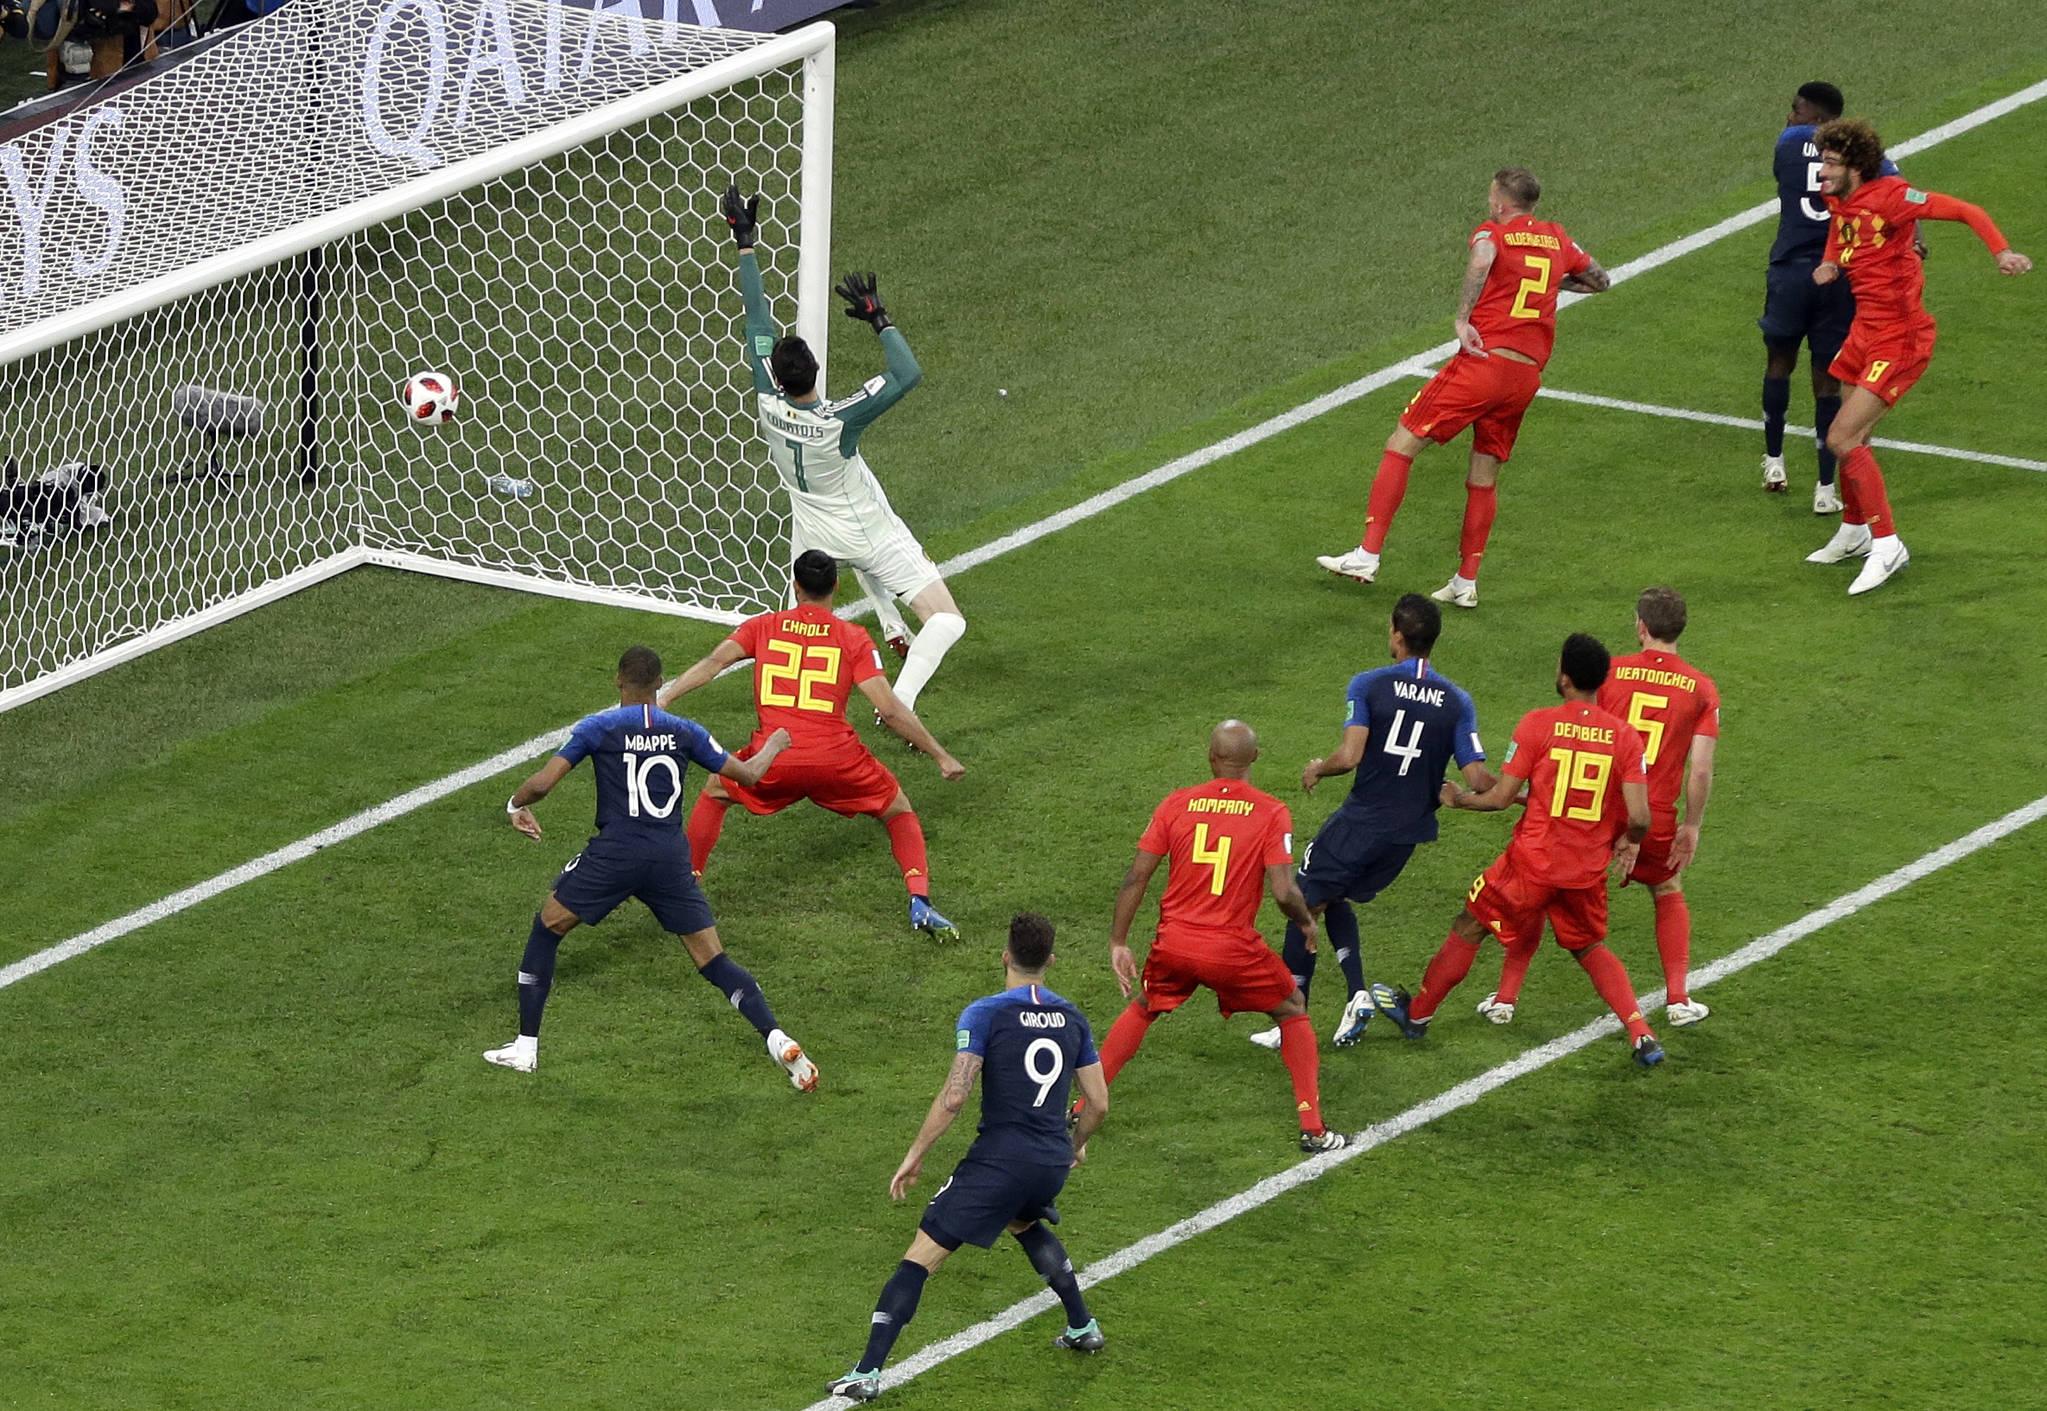 11일 열린 러시아 월드컵 4강 벨기에전에서 후반 6분 결승골을 넣는 프랑스 수비수 사뮈엘 움티티. [AP=연합뉴스]